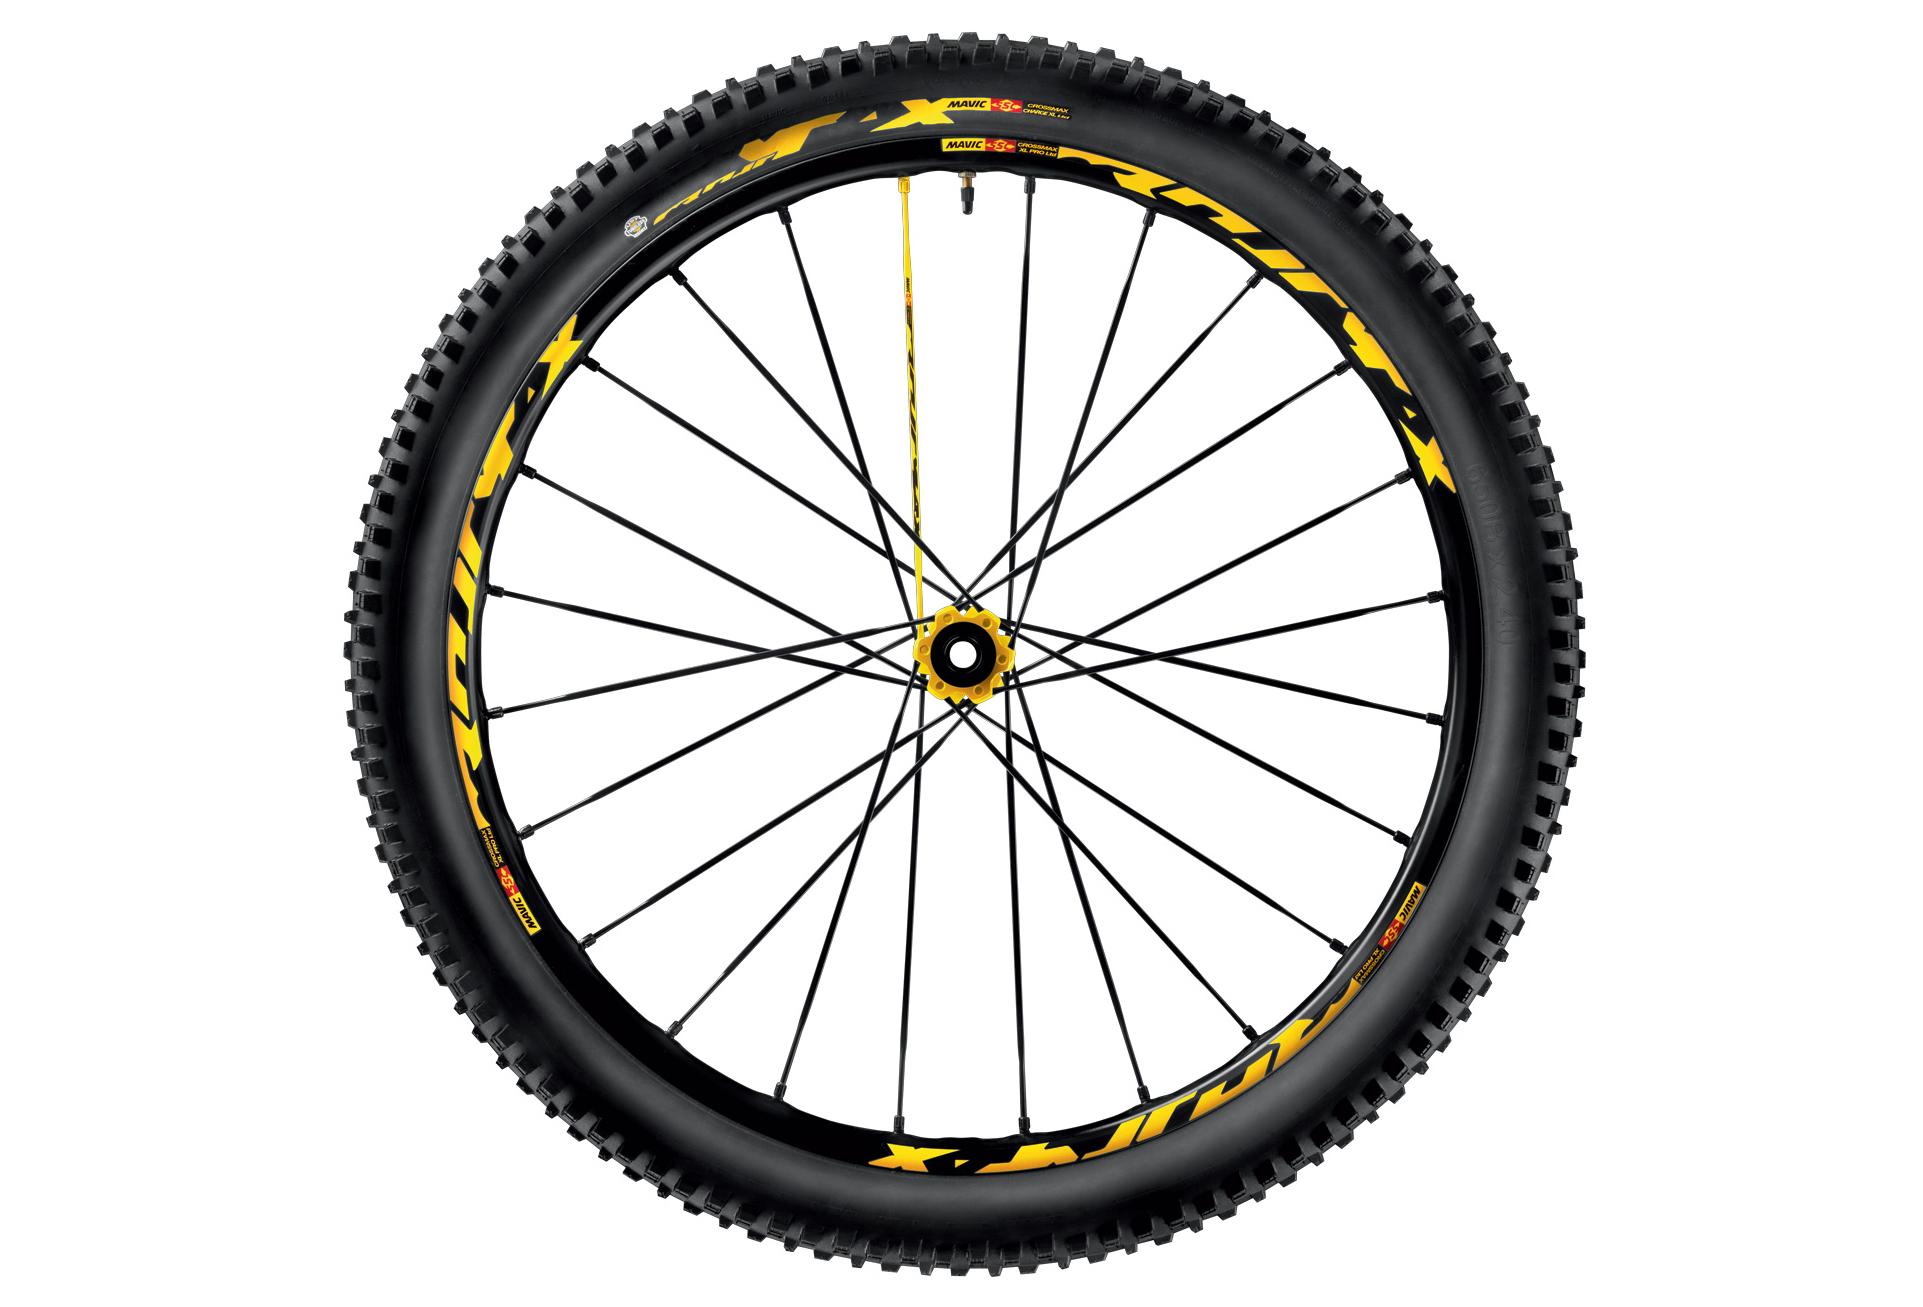 Mavic Crossmax Xl Rear Wheel Ltd Pro 27 5 6tr 12x135mm Tire Quest Crossmax Xl